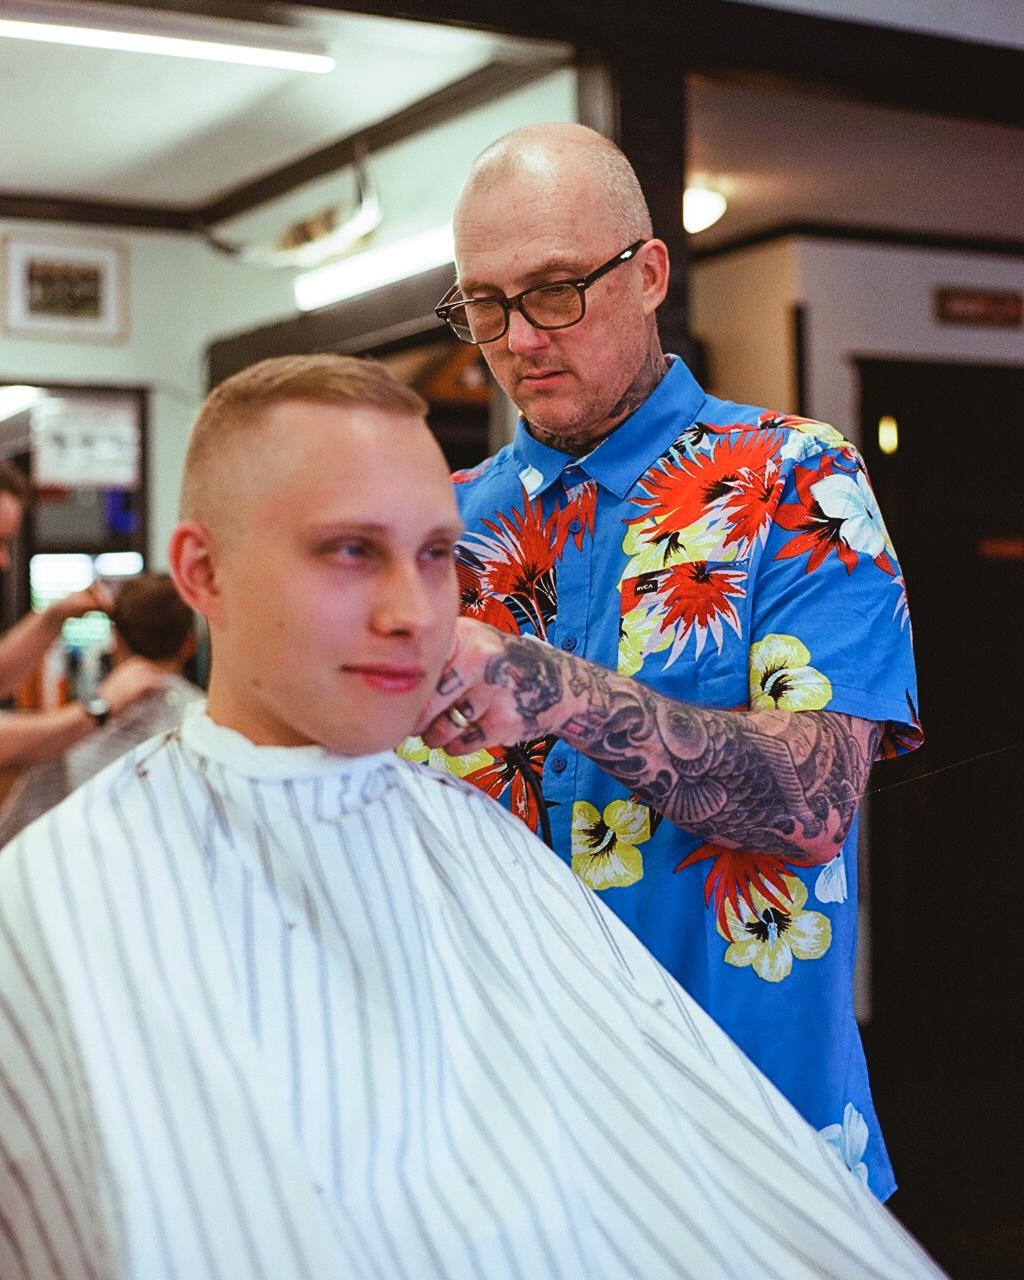 000018890033_lyles barbershop_20190517.jpg